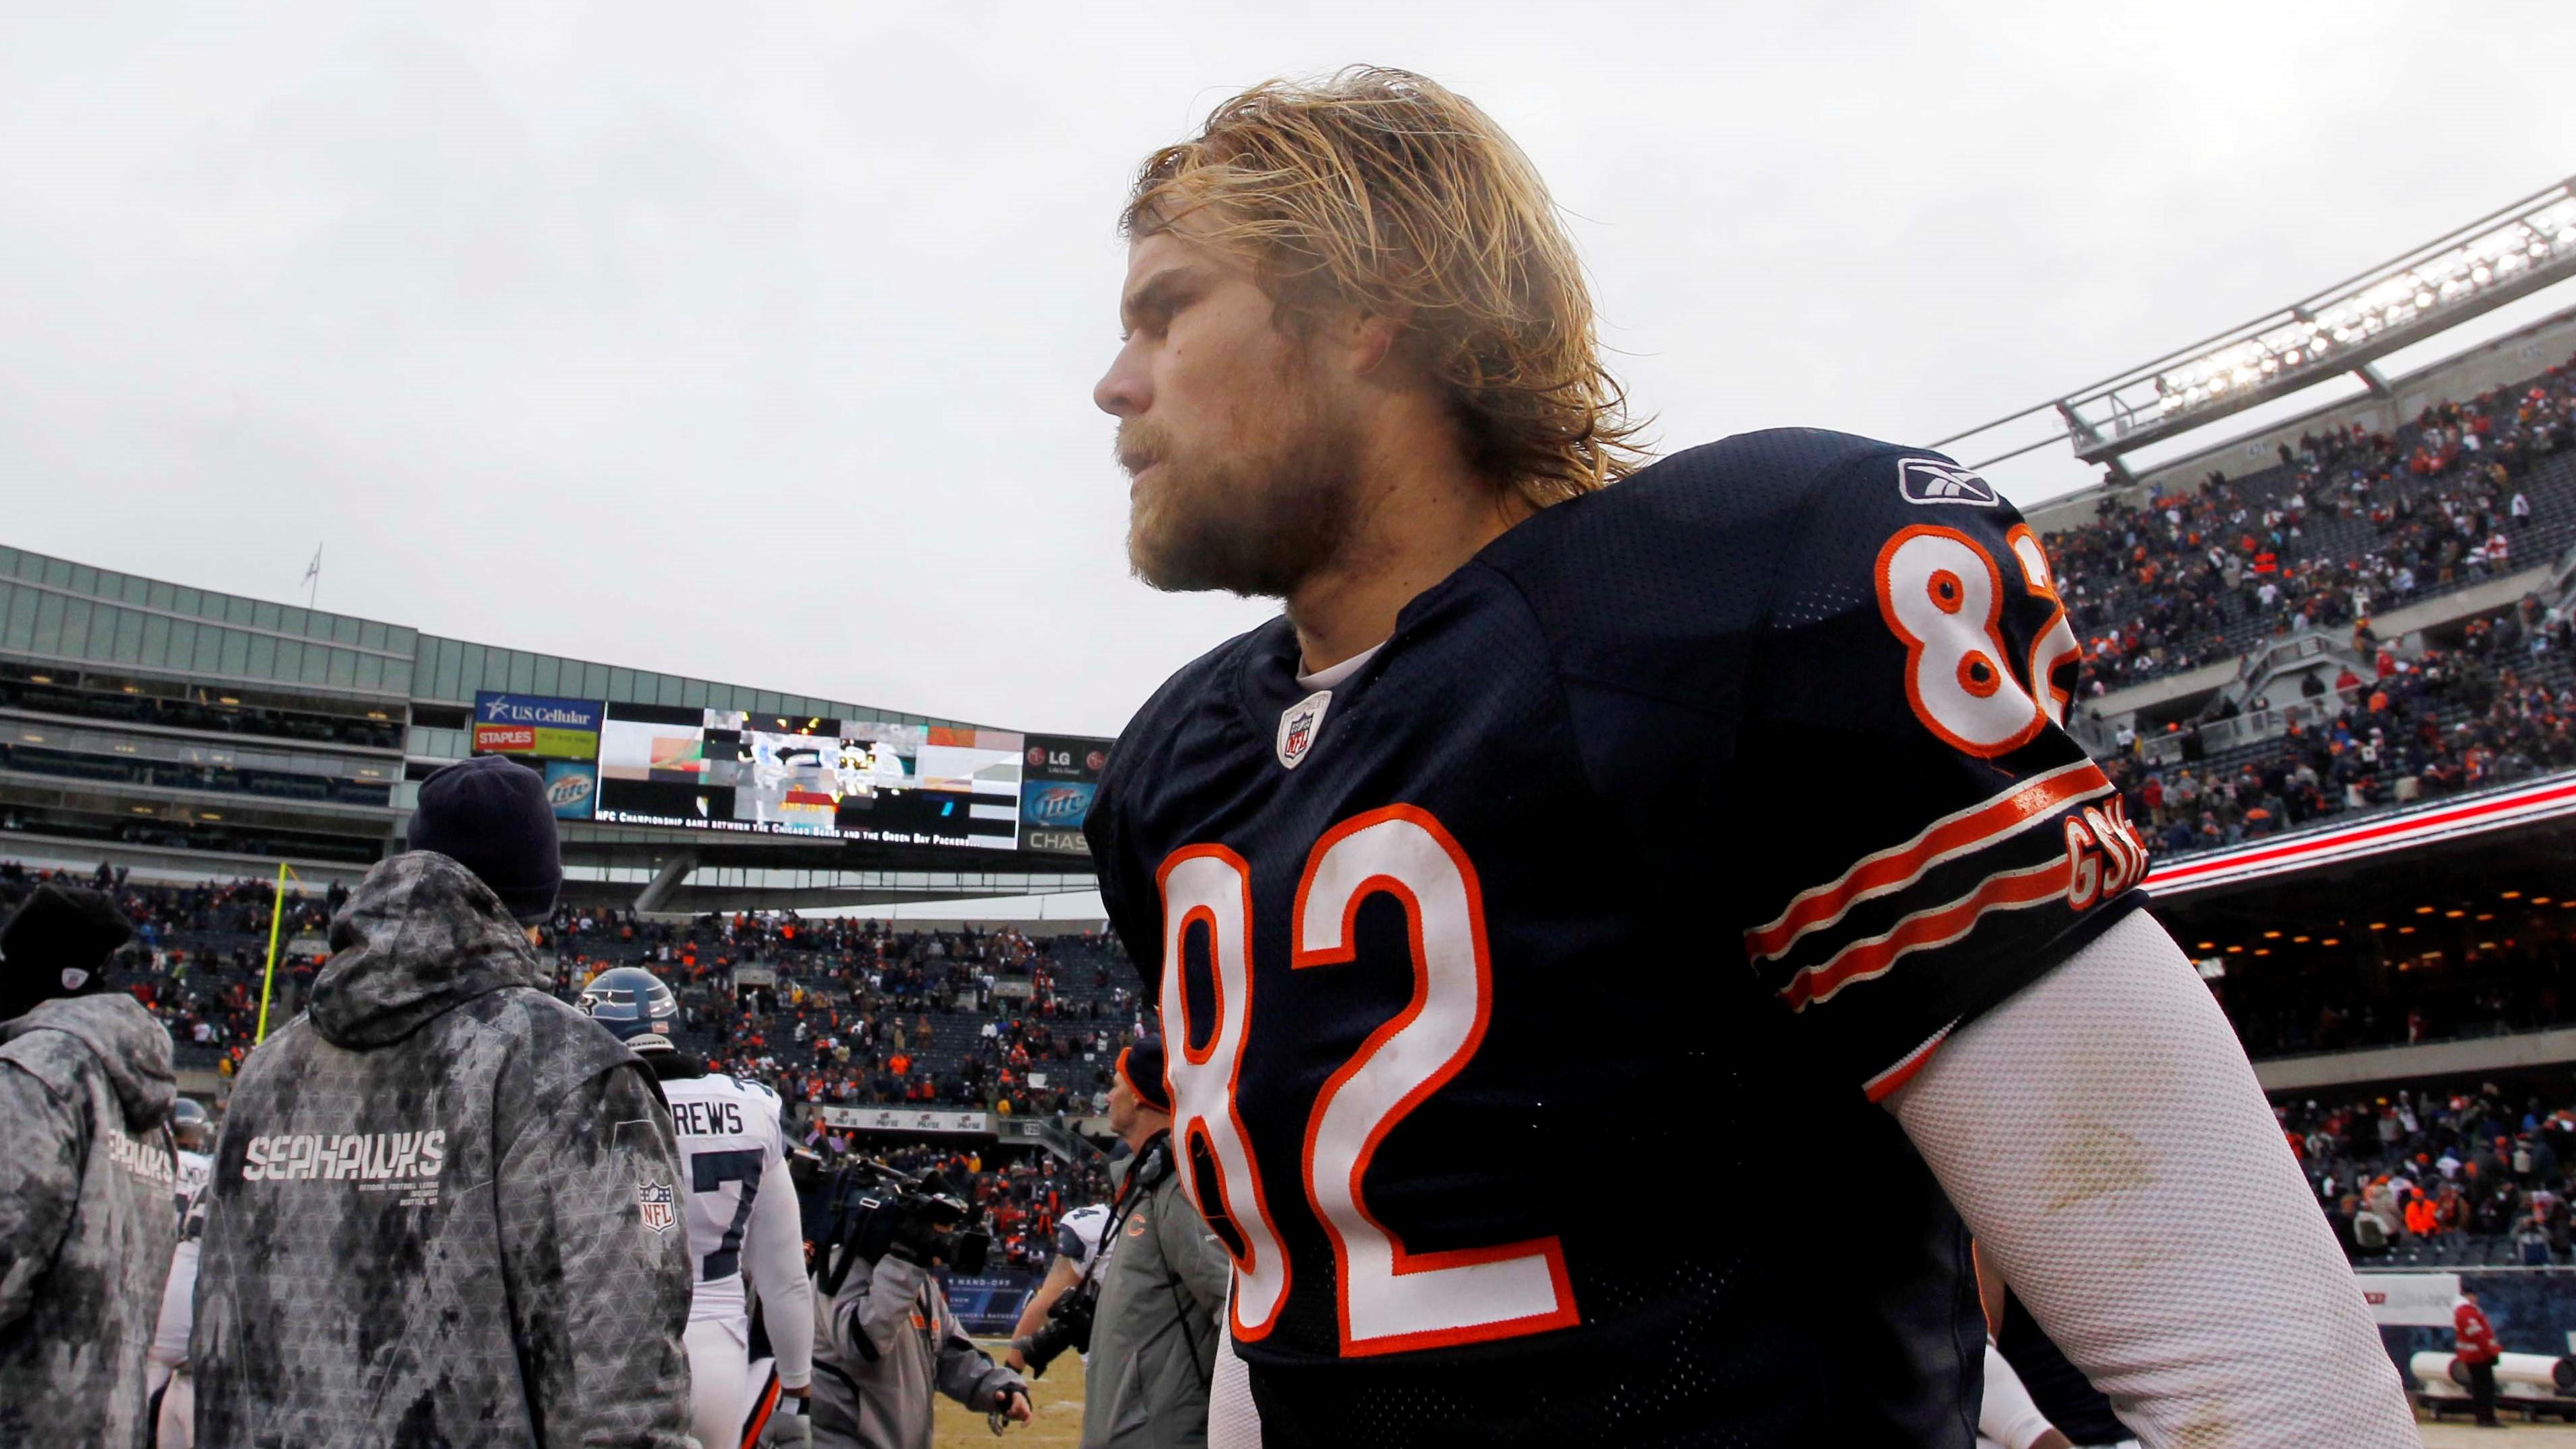 Bears Explored Signing Greg Olsen Instead of Jimmy Graham